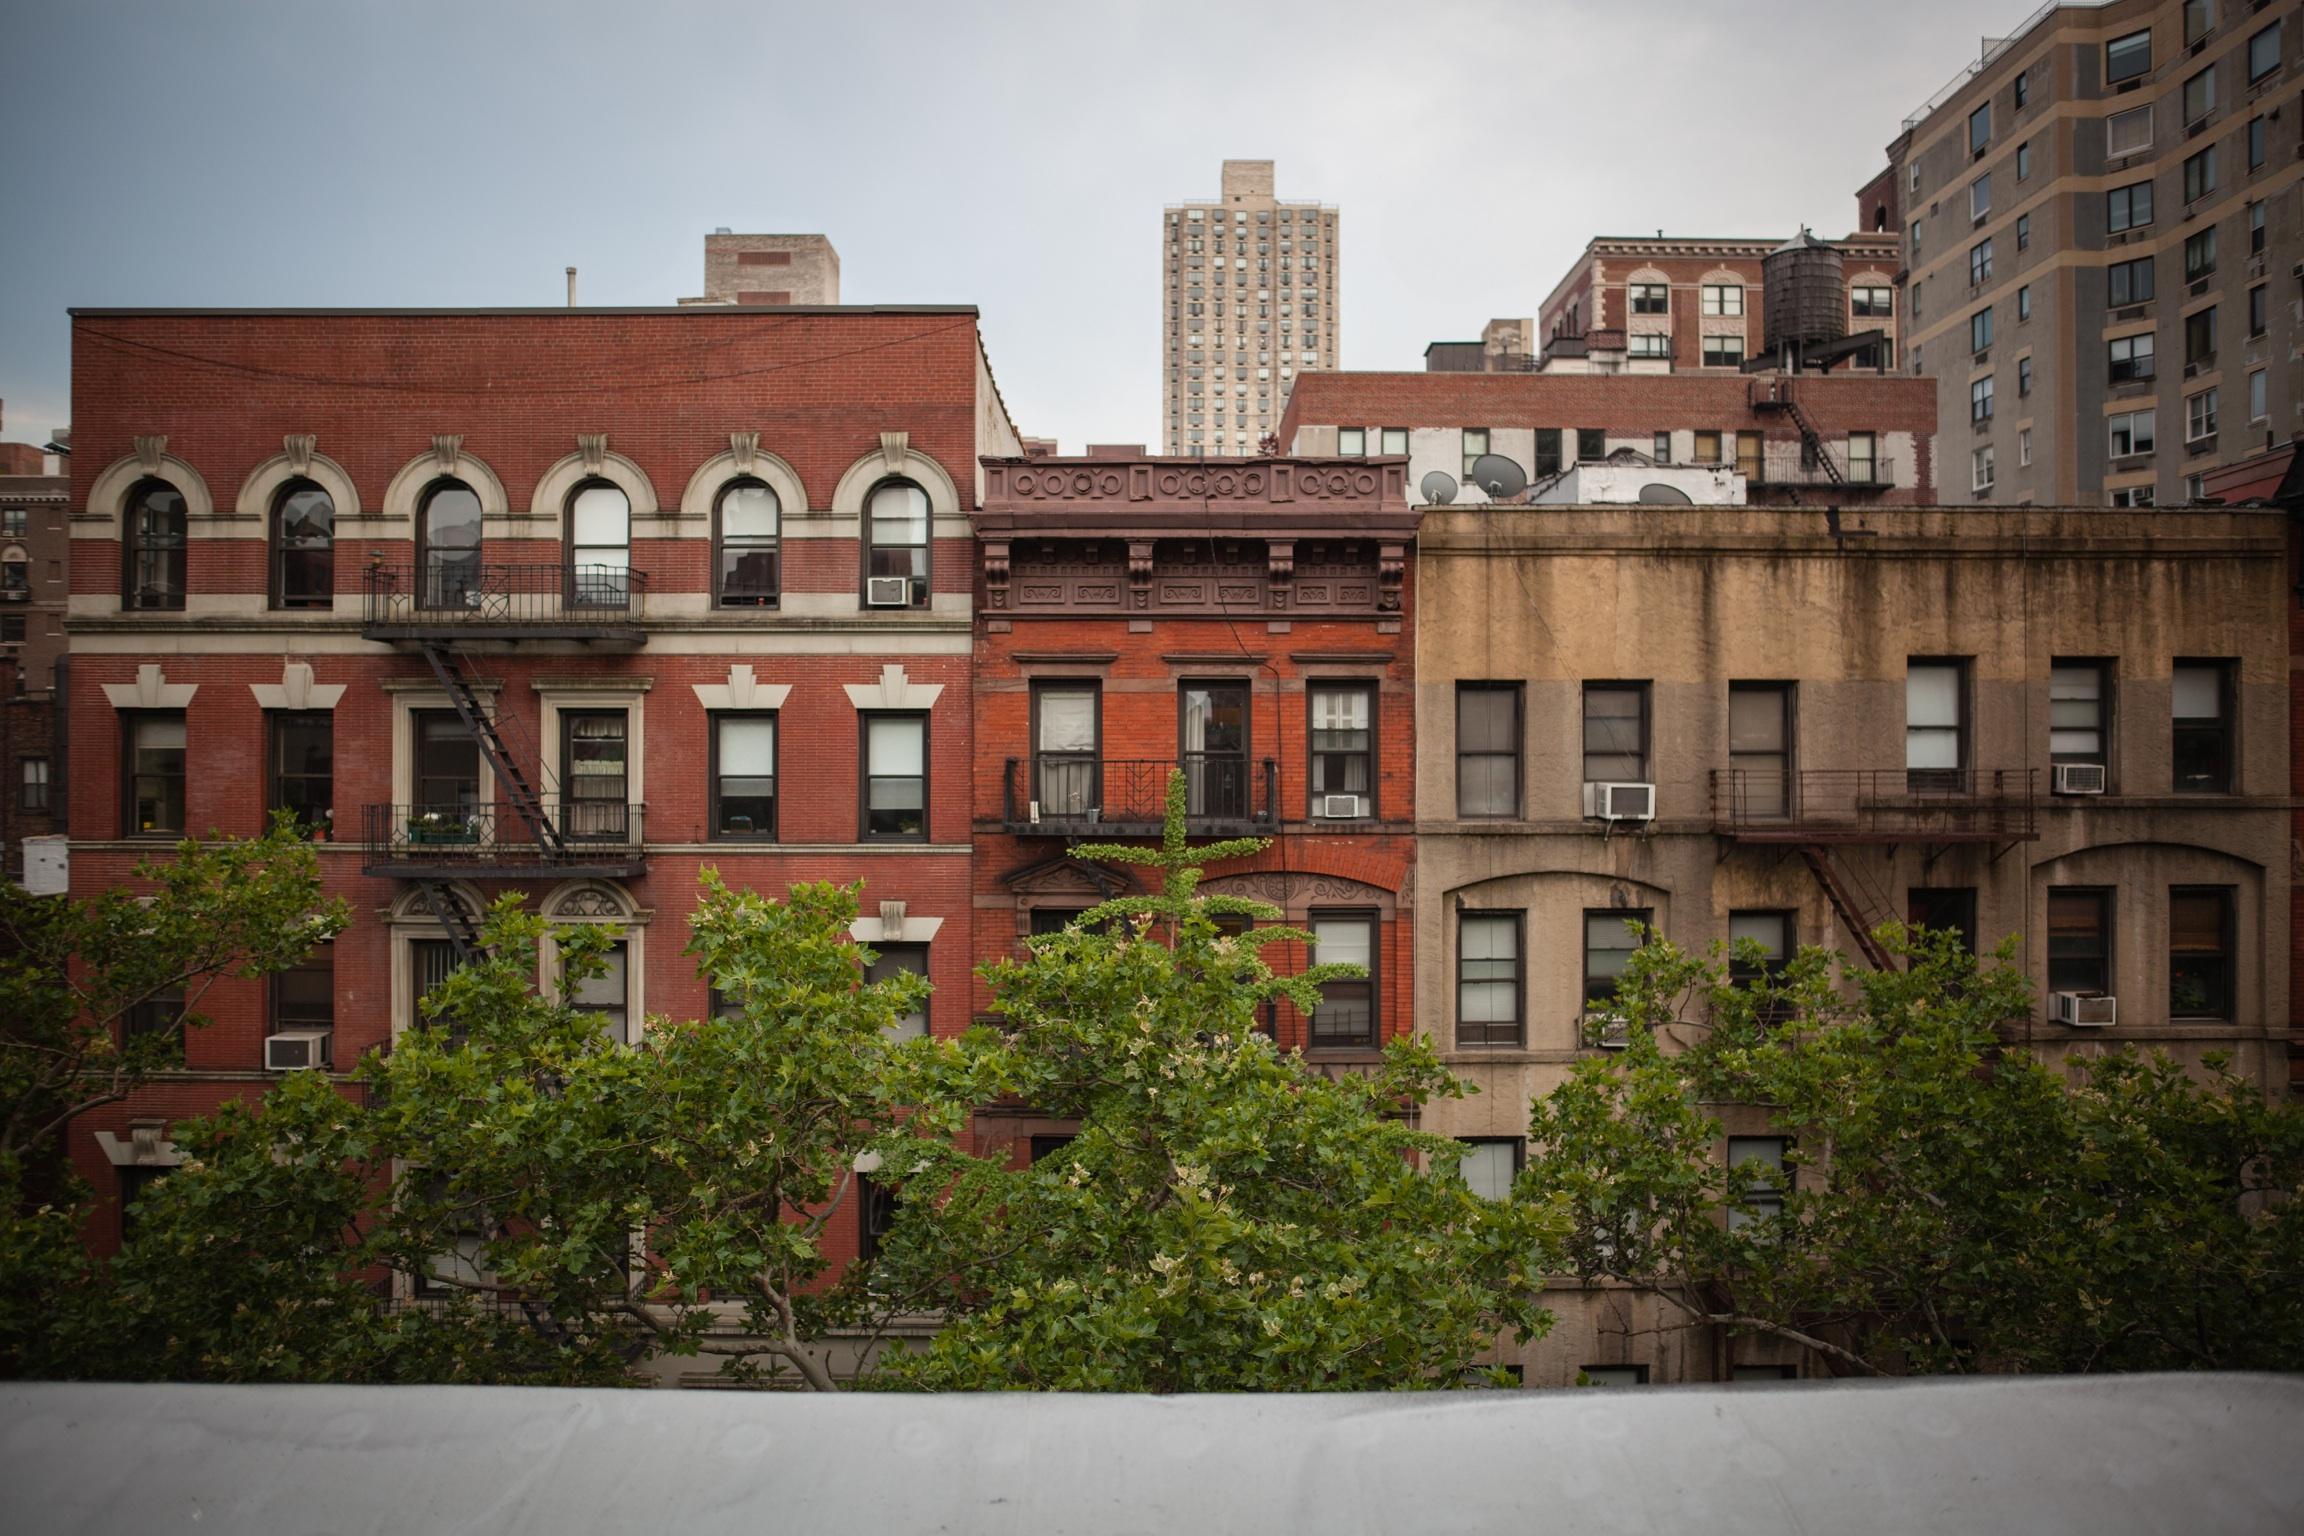 Upper East Side (2013)